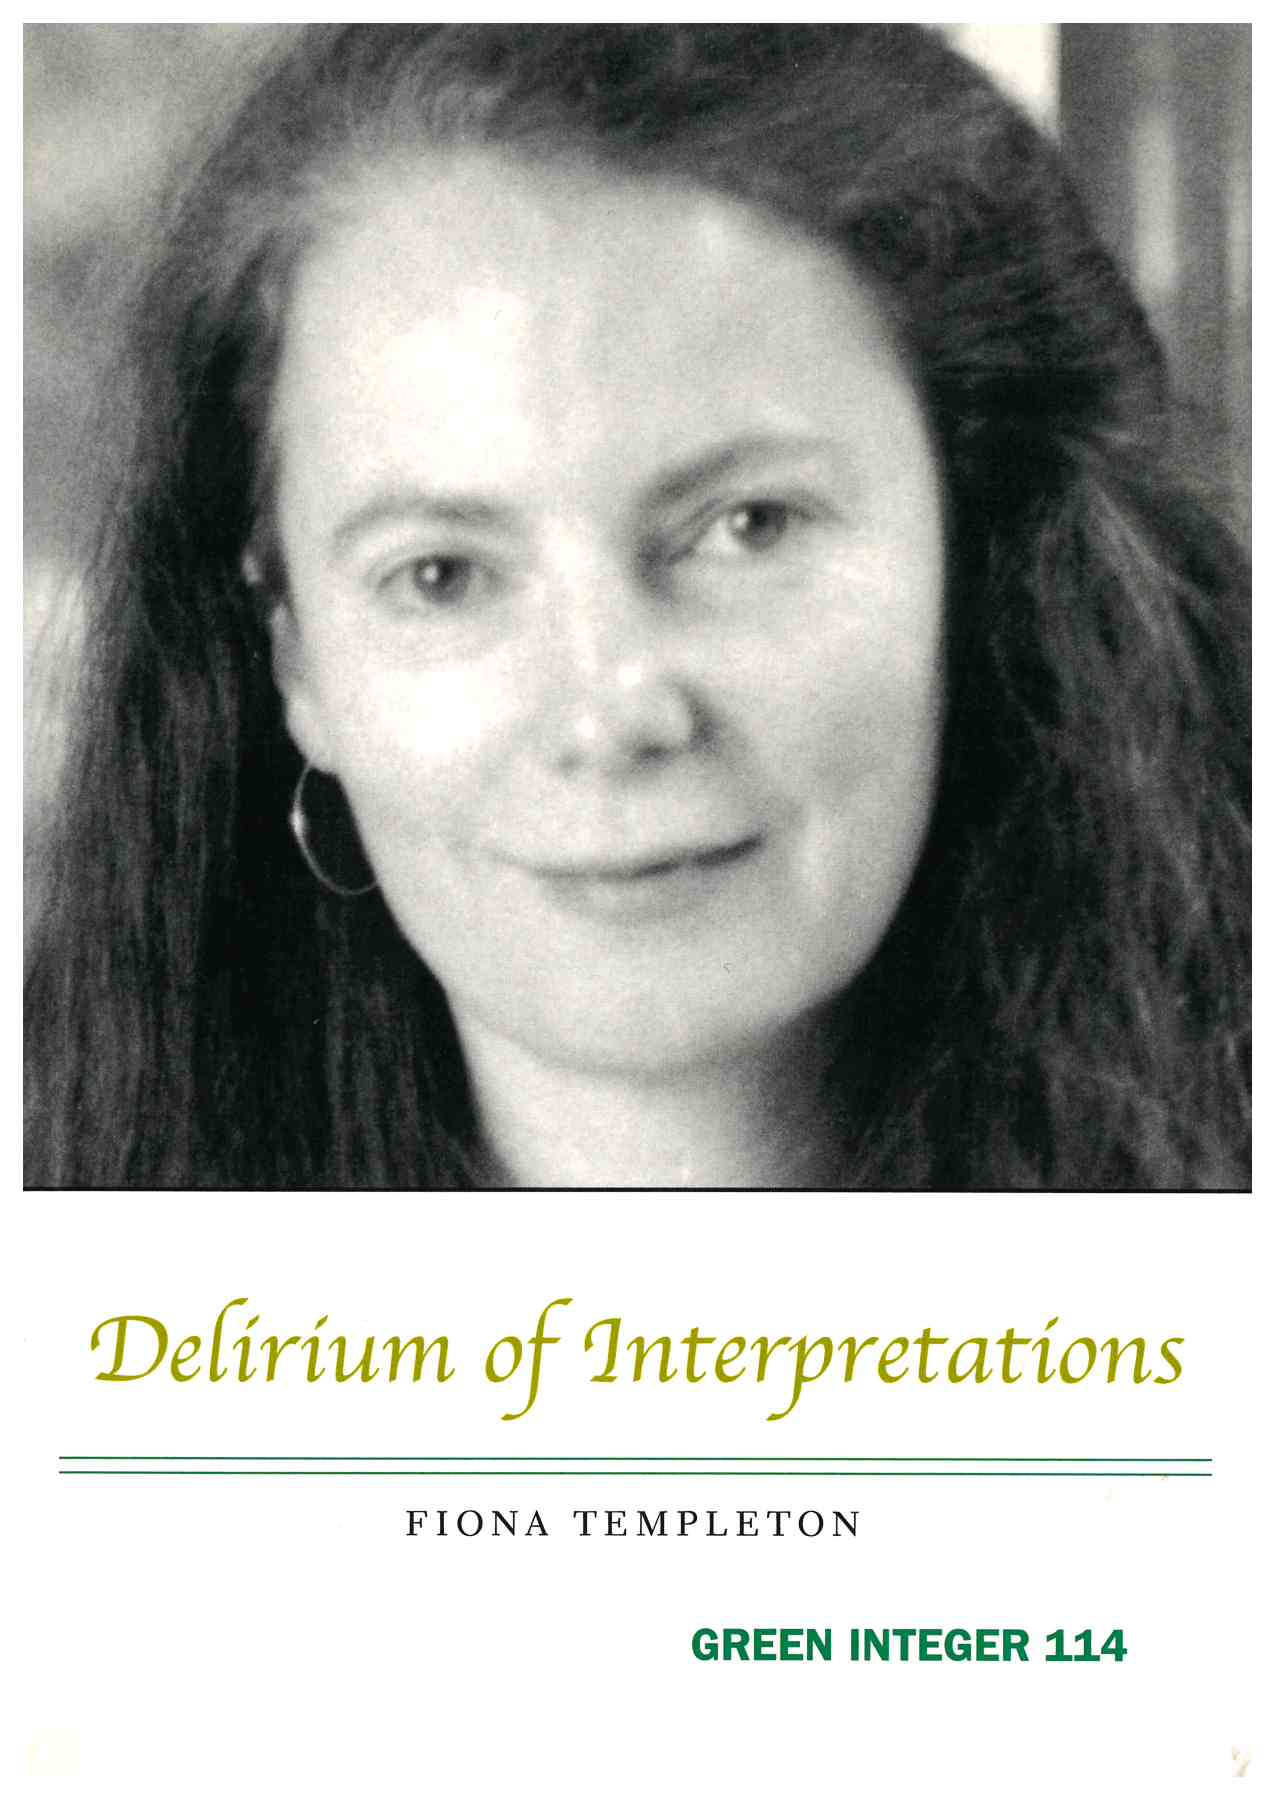 Green Integer, 2004